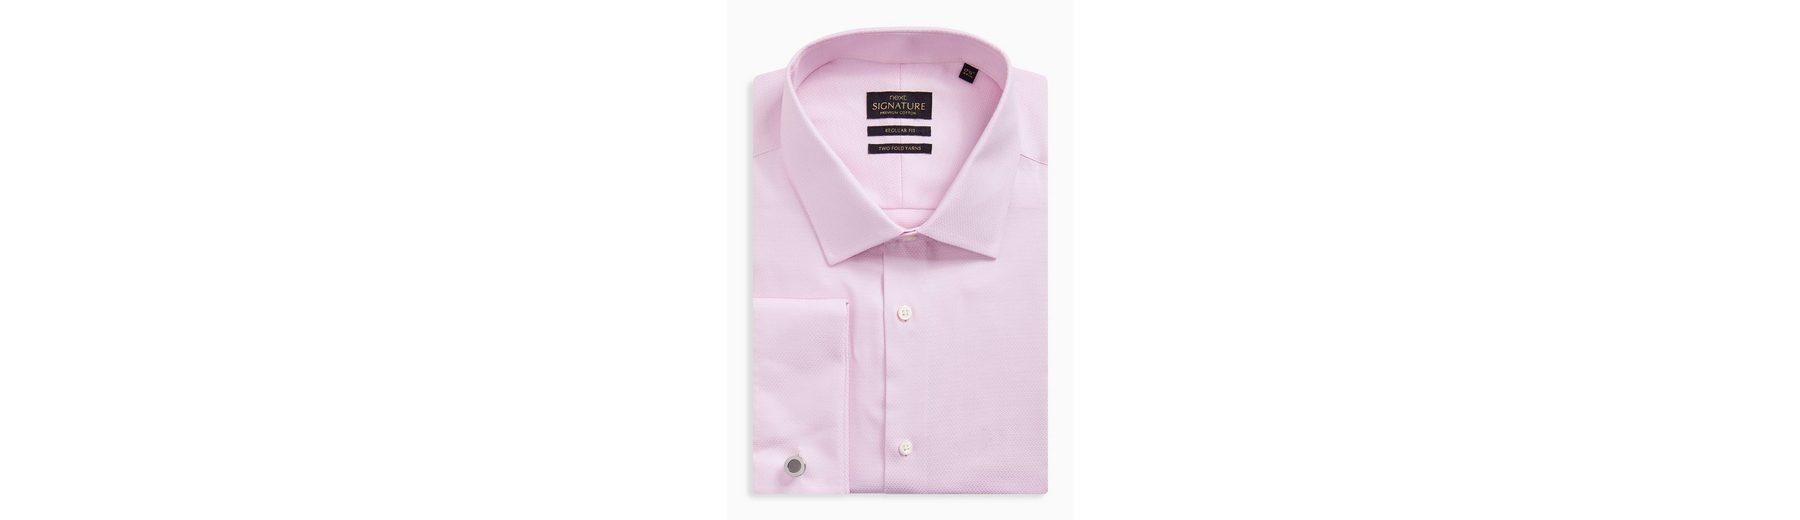 Next Regular-Fit Premium-Hemden mit Manschettenknöpfen Billig Verkauf Wahl c1oVqs4L